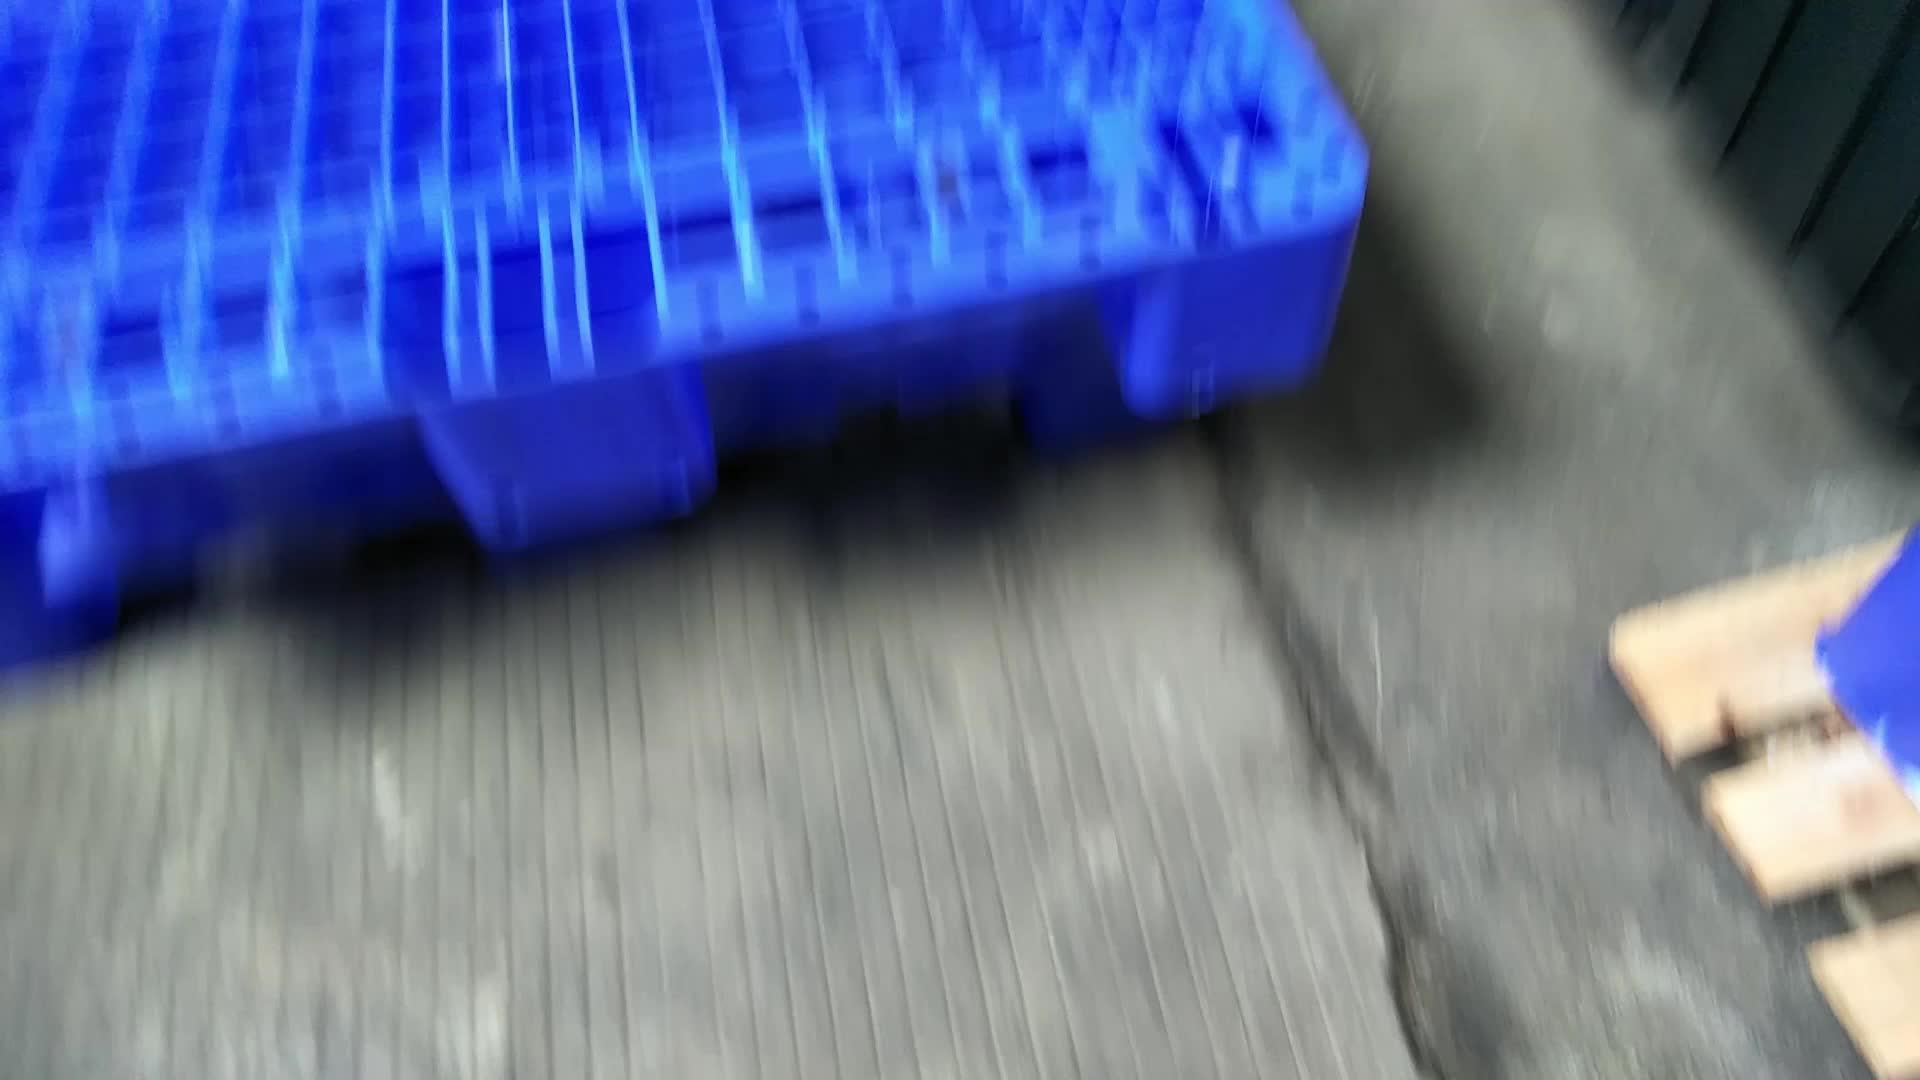 कस्टम आकार 800x1200 फ्लैट डबल पक्षीय प्रकार पीले प्लास्टिक की चटाई के लिए उद्योग